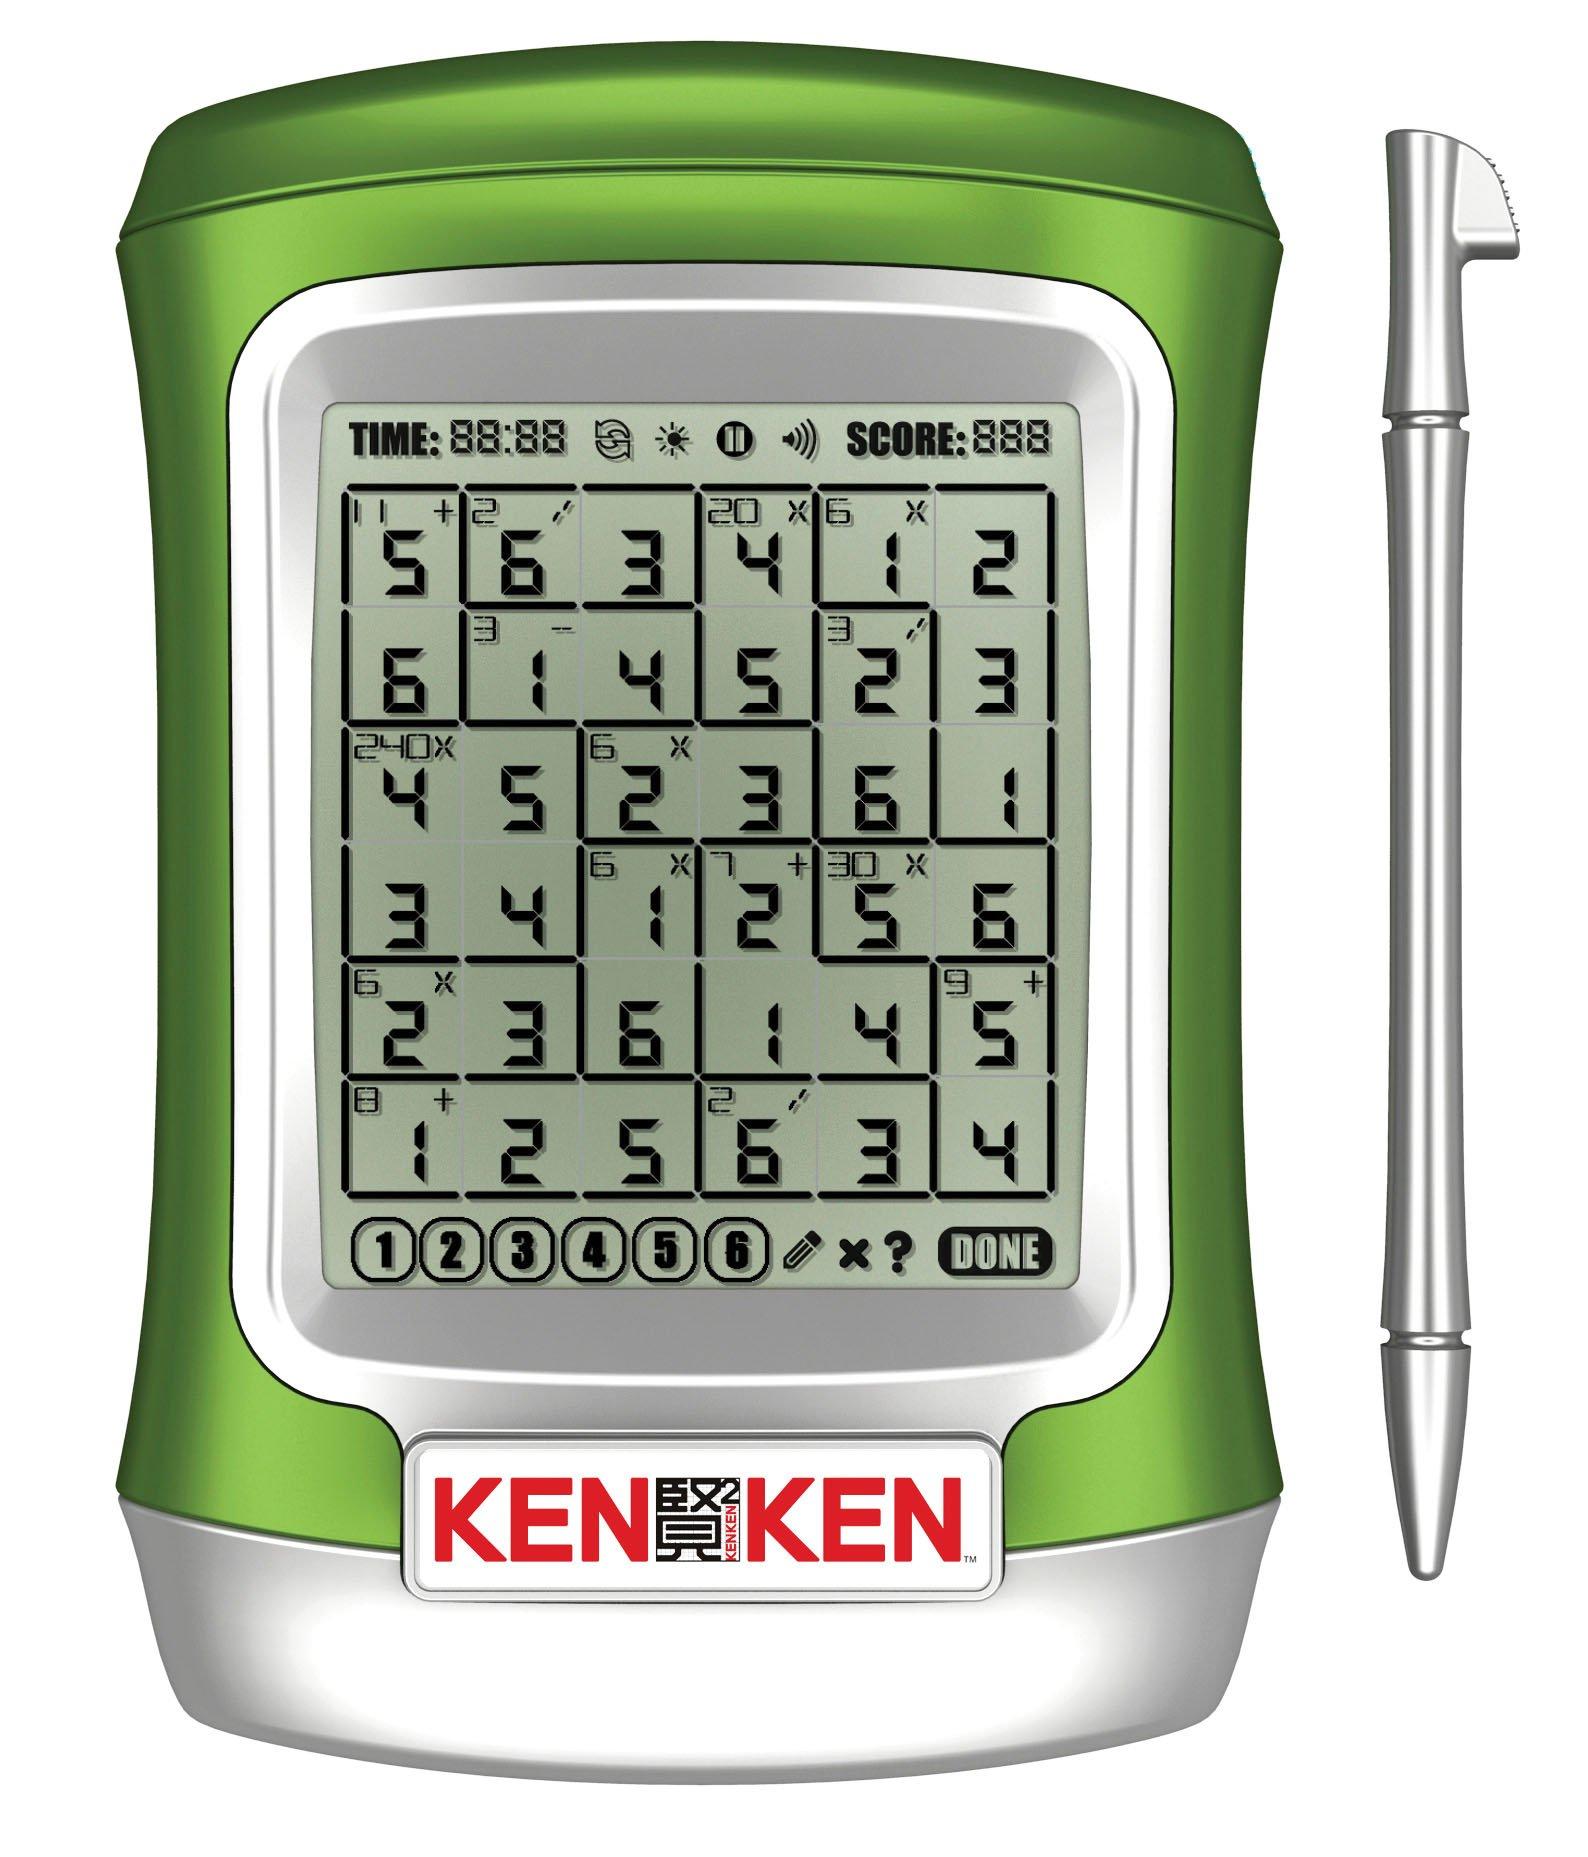 KEN KEN Electronic Handheld Game by iToys Inc.